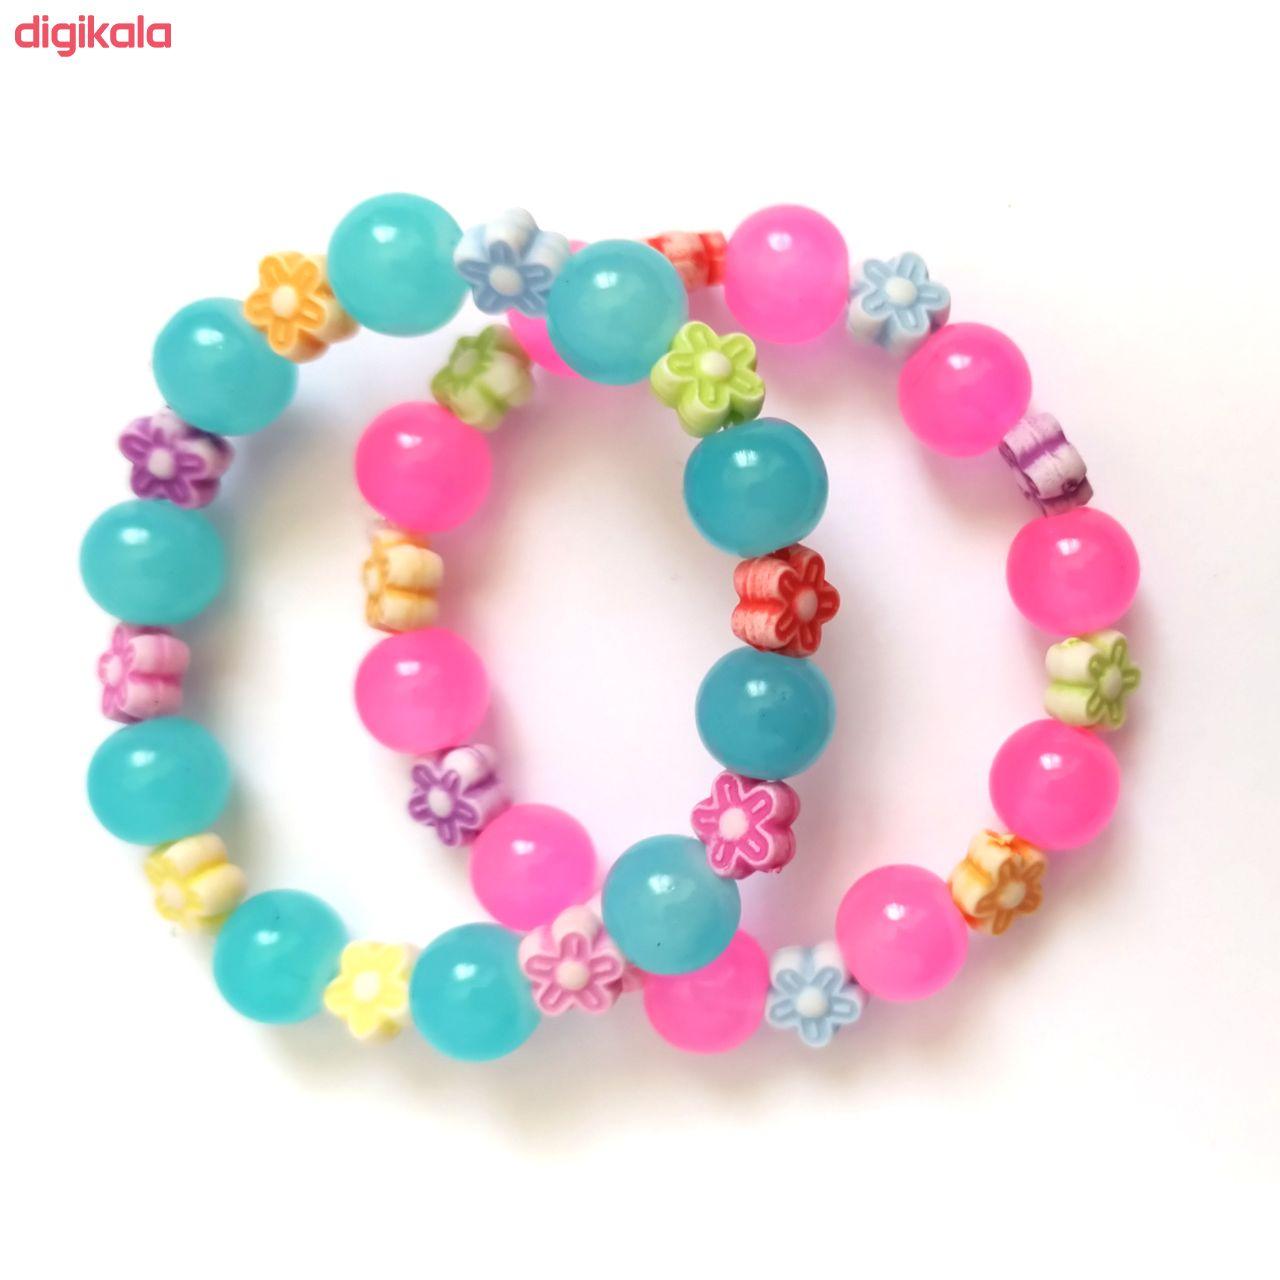 دستبند دخترانه کد DB15 مجموعه 2 عددی main 1 3